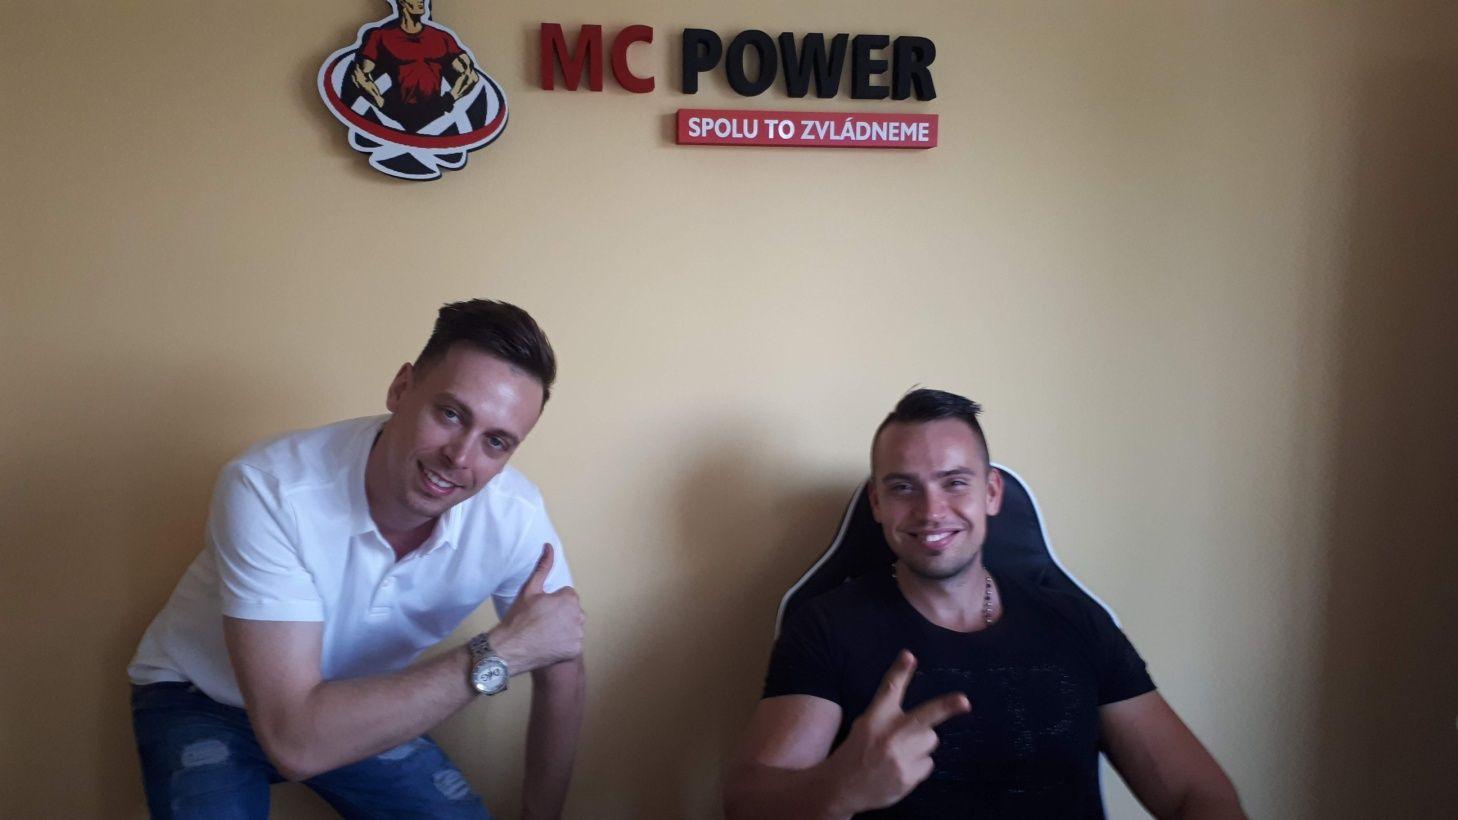 Personálne služby v kovovýrobe | MC Power